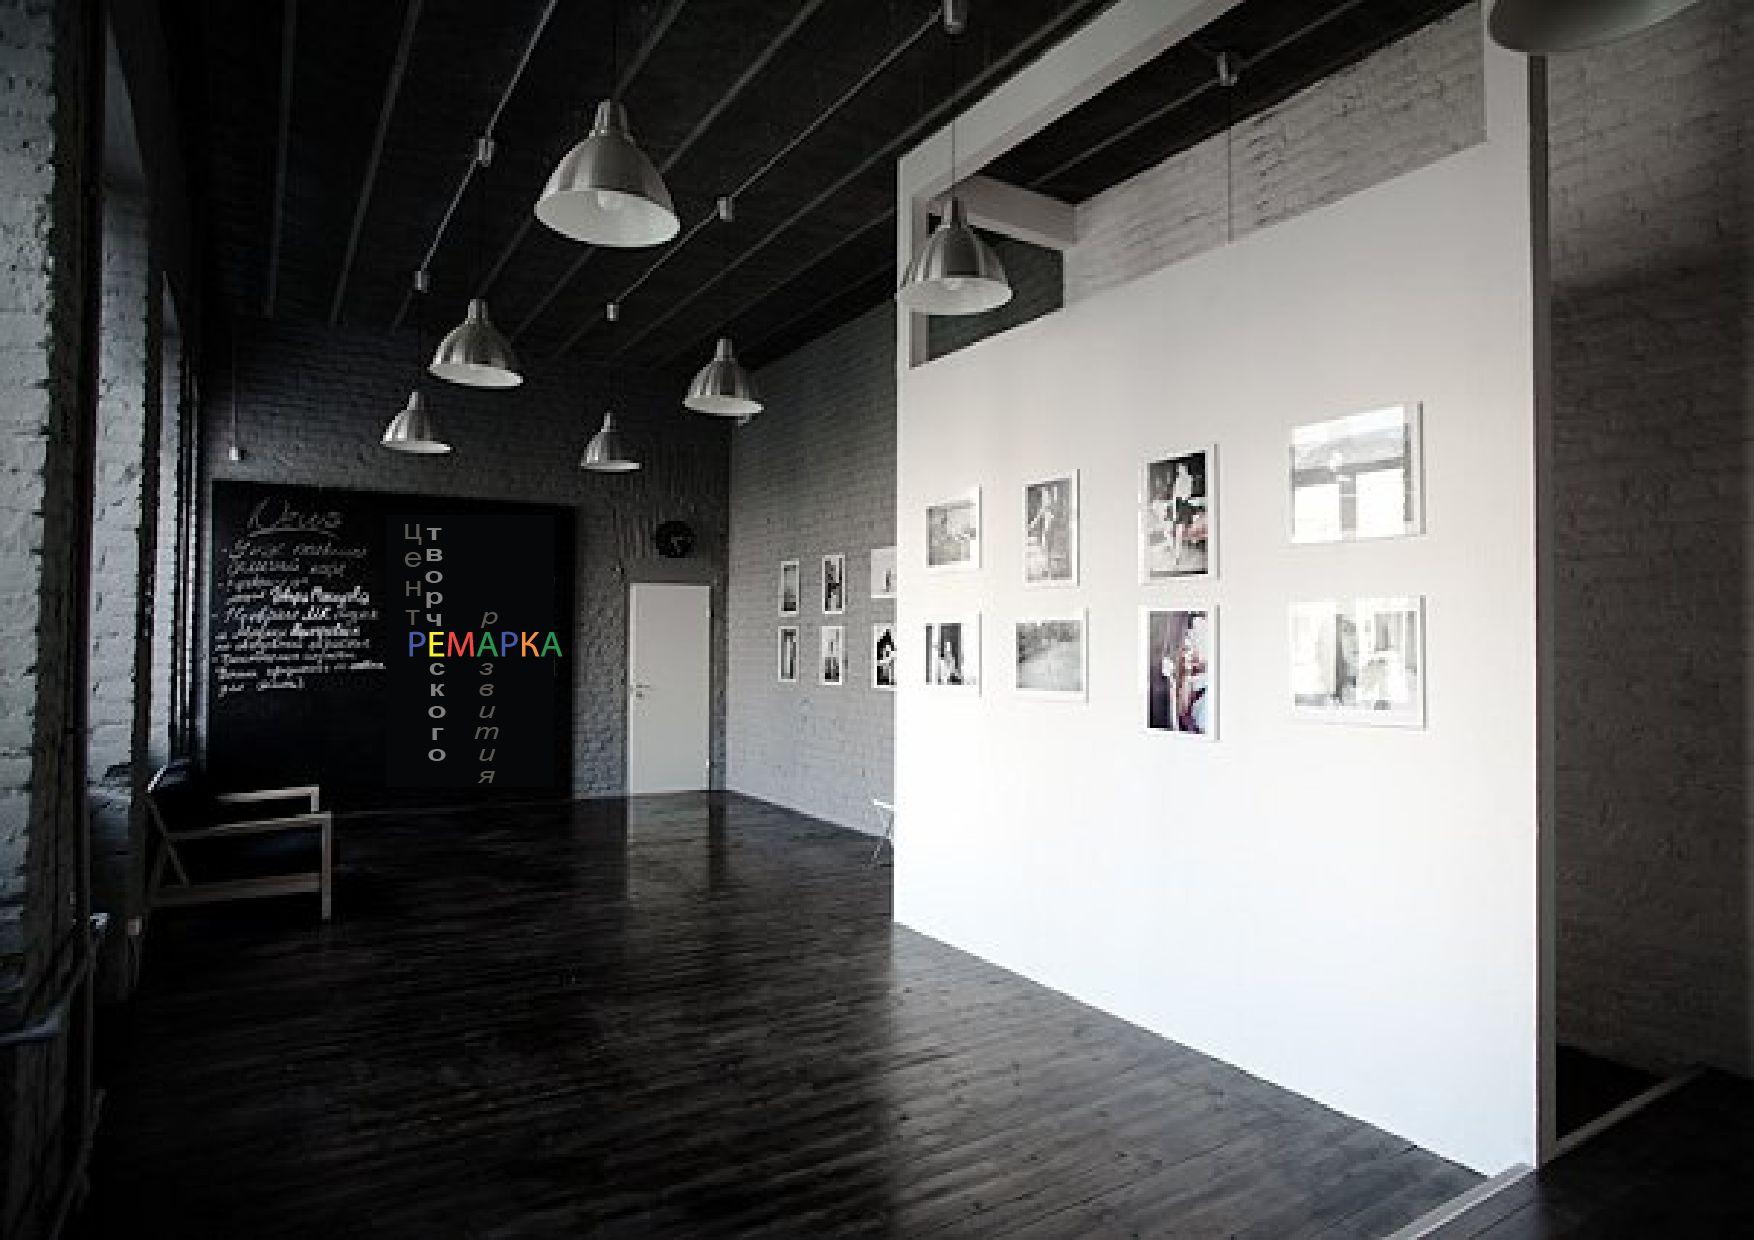 Фирменный стиль для центра развития Ремарка - дизайнер novatora